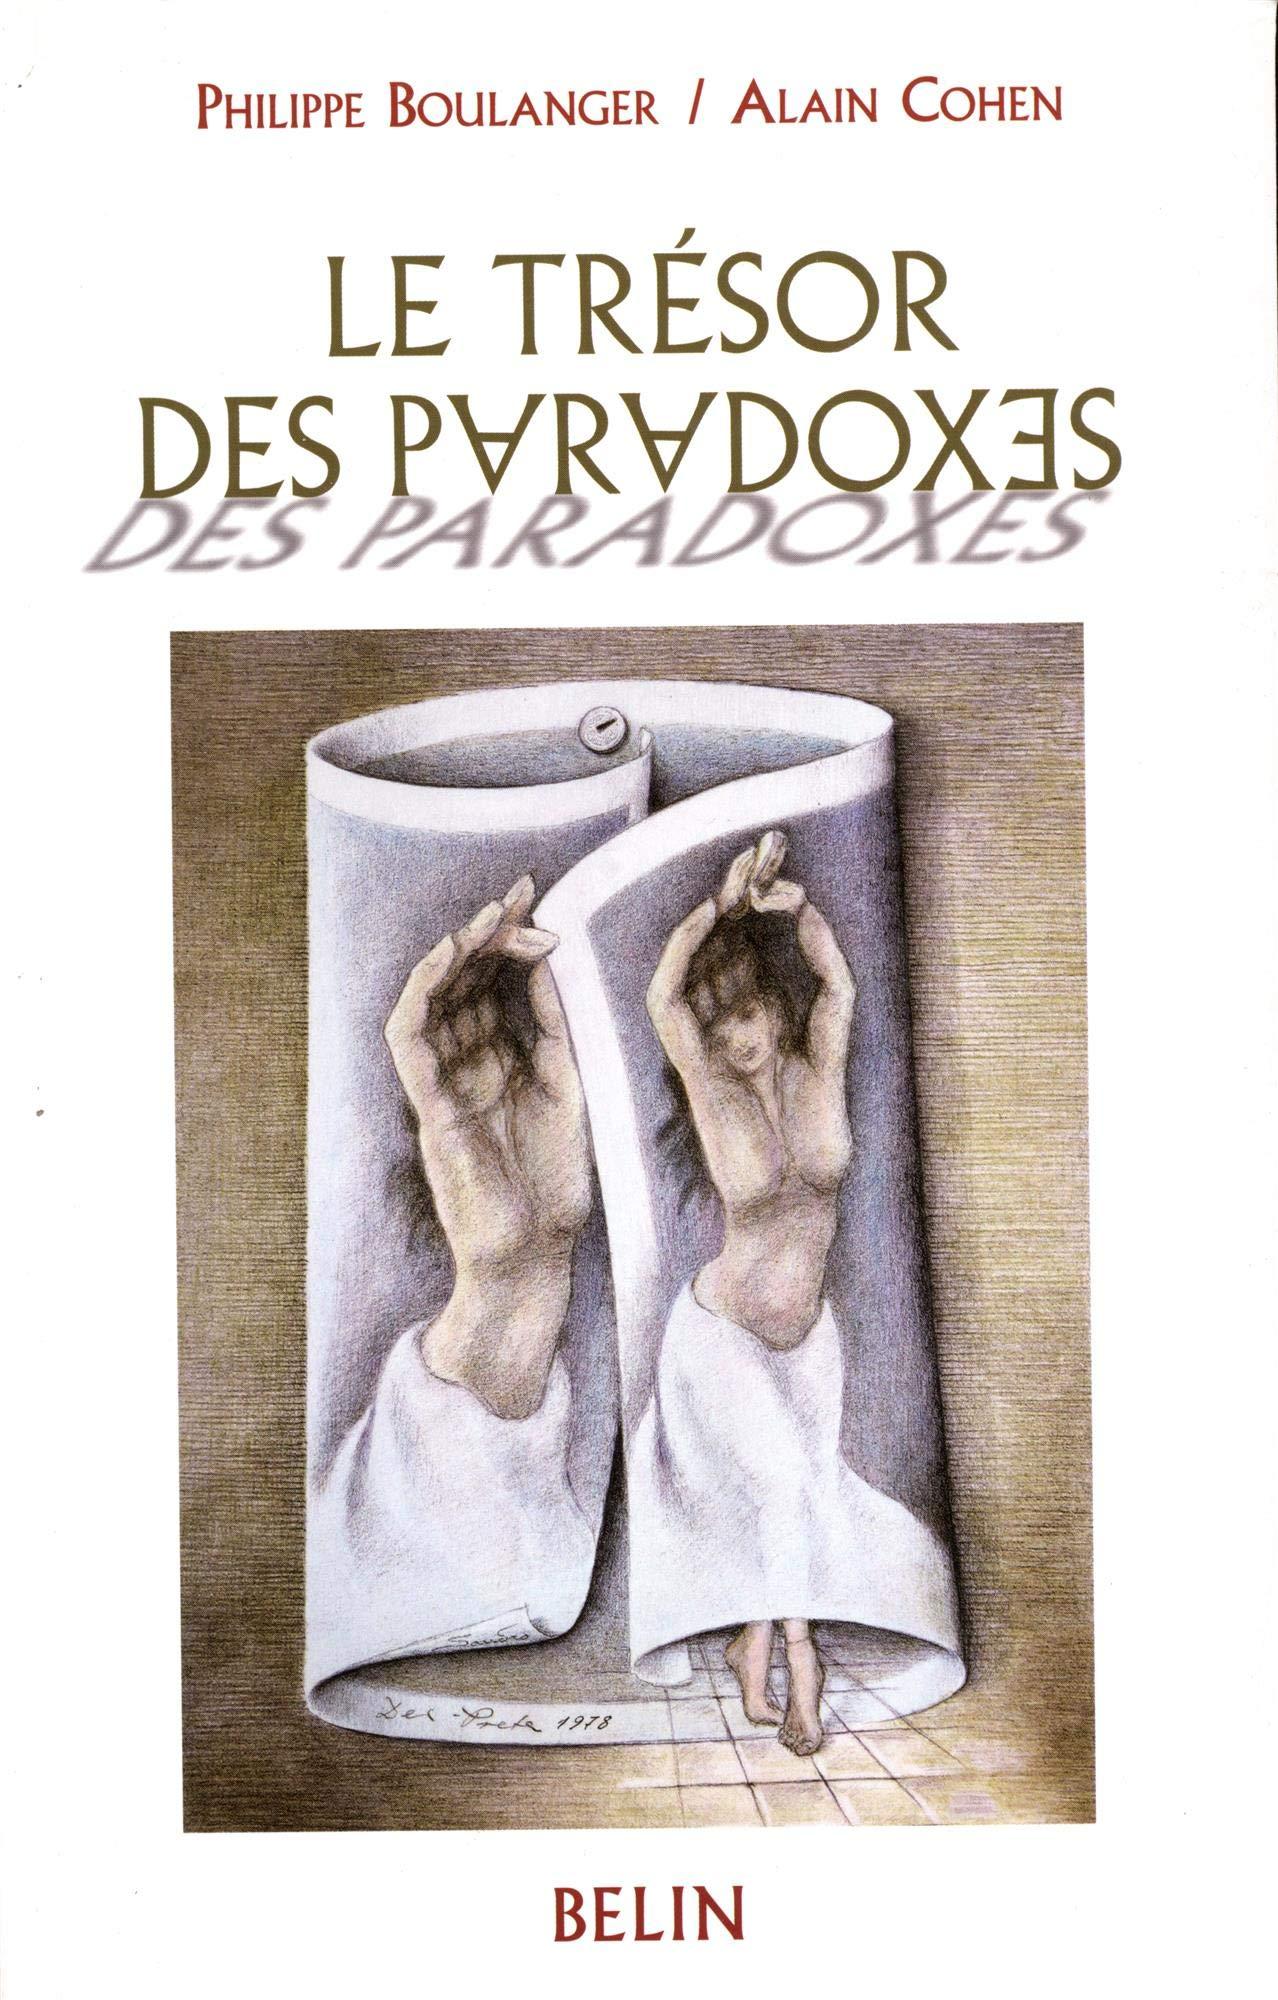 Le trésor des paradoxes: Amazon.fr: Philippe Boulanger, Alain Cohen: Livres